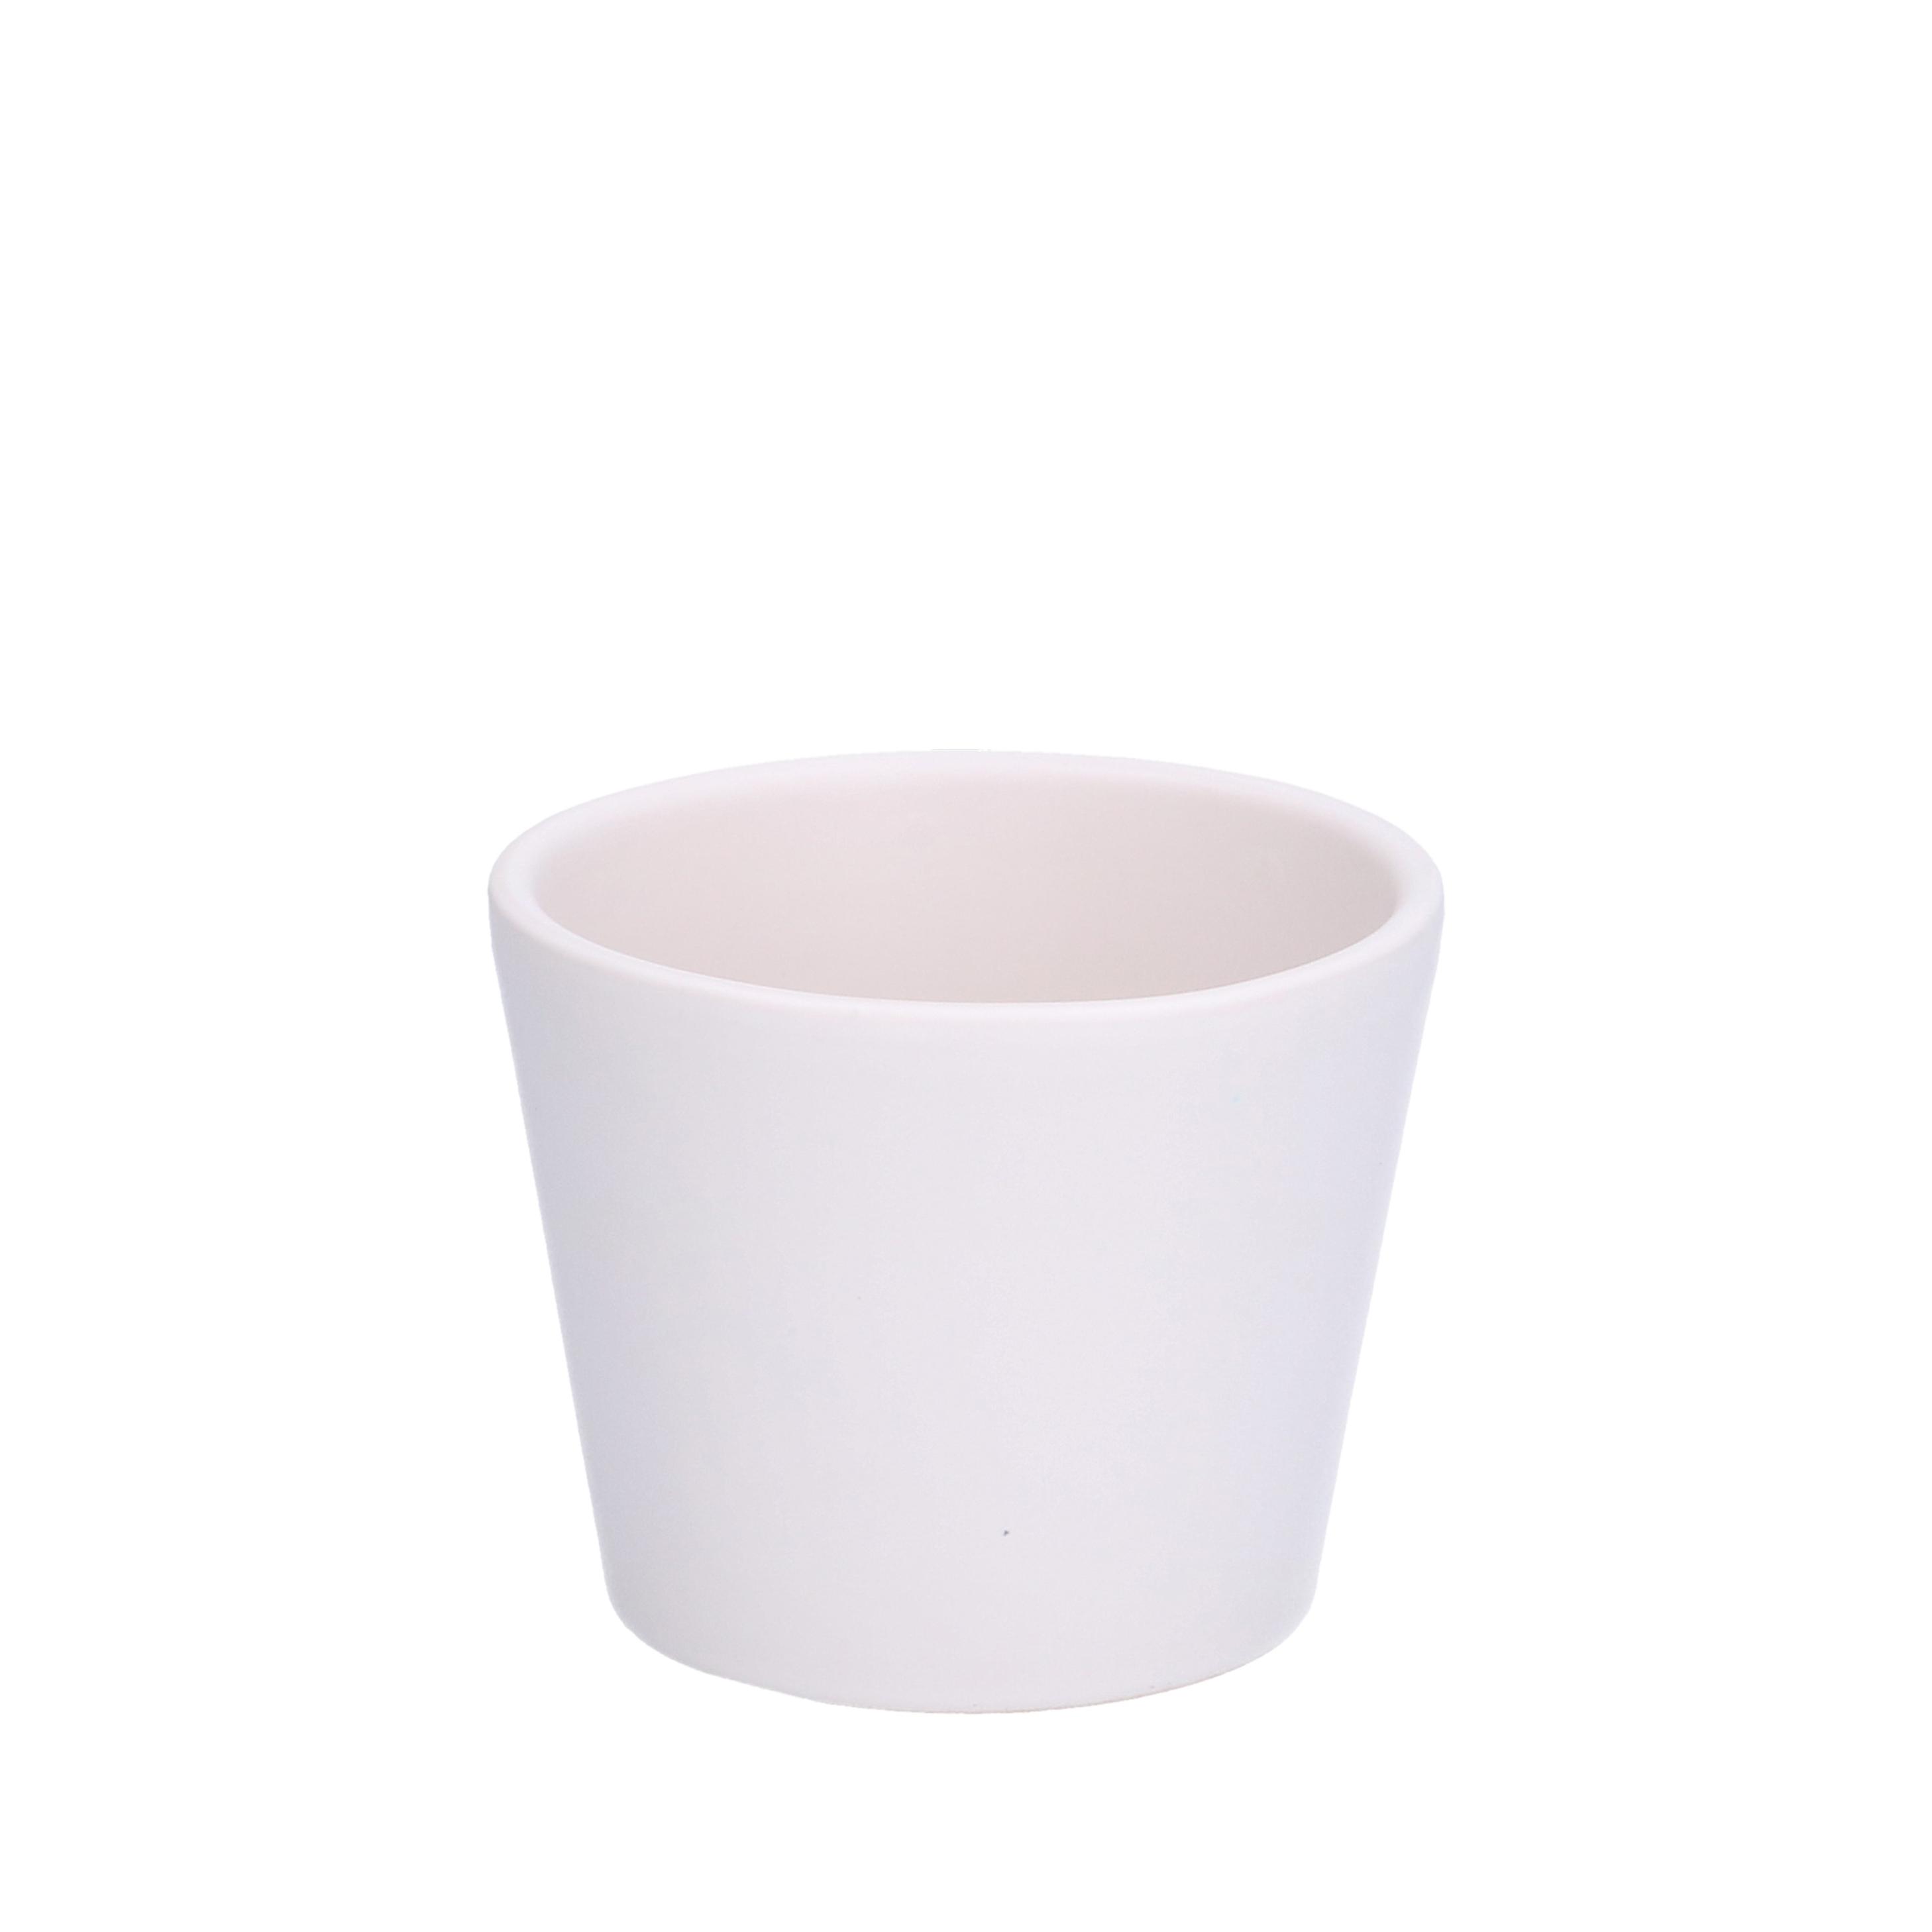 Bloempot aardewerk mat wit 78 cm